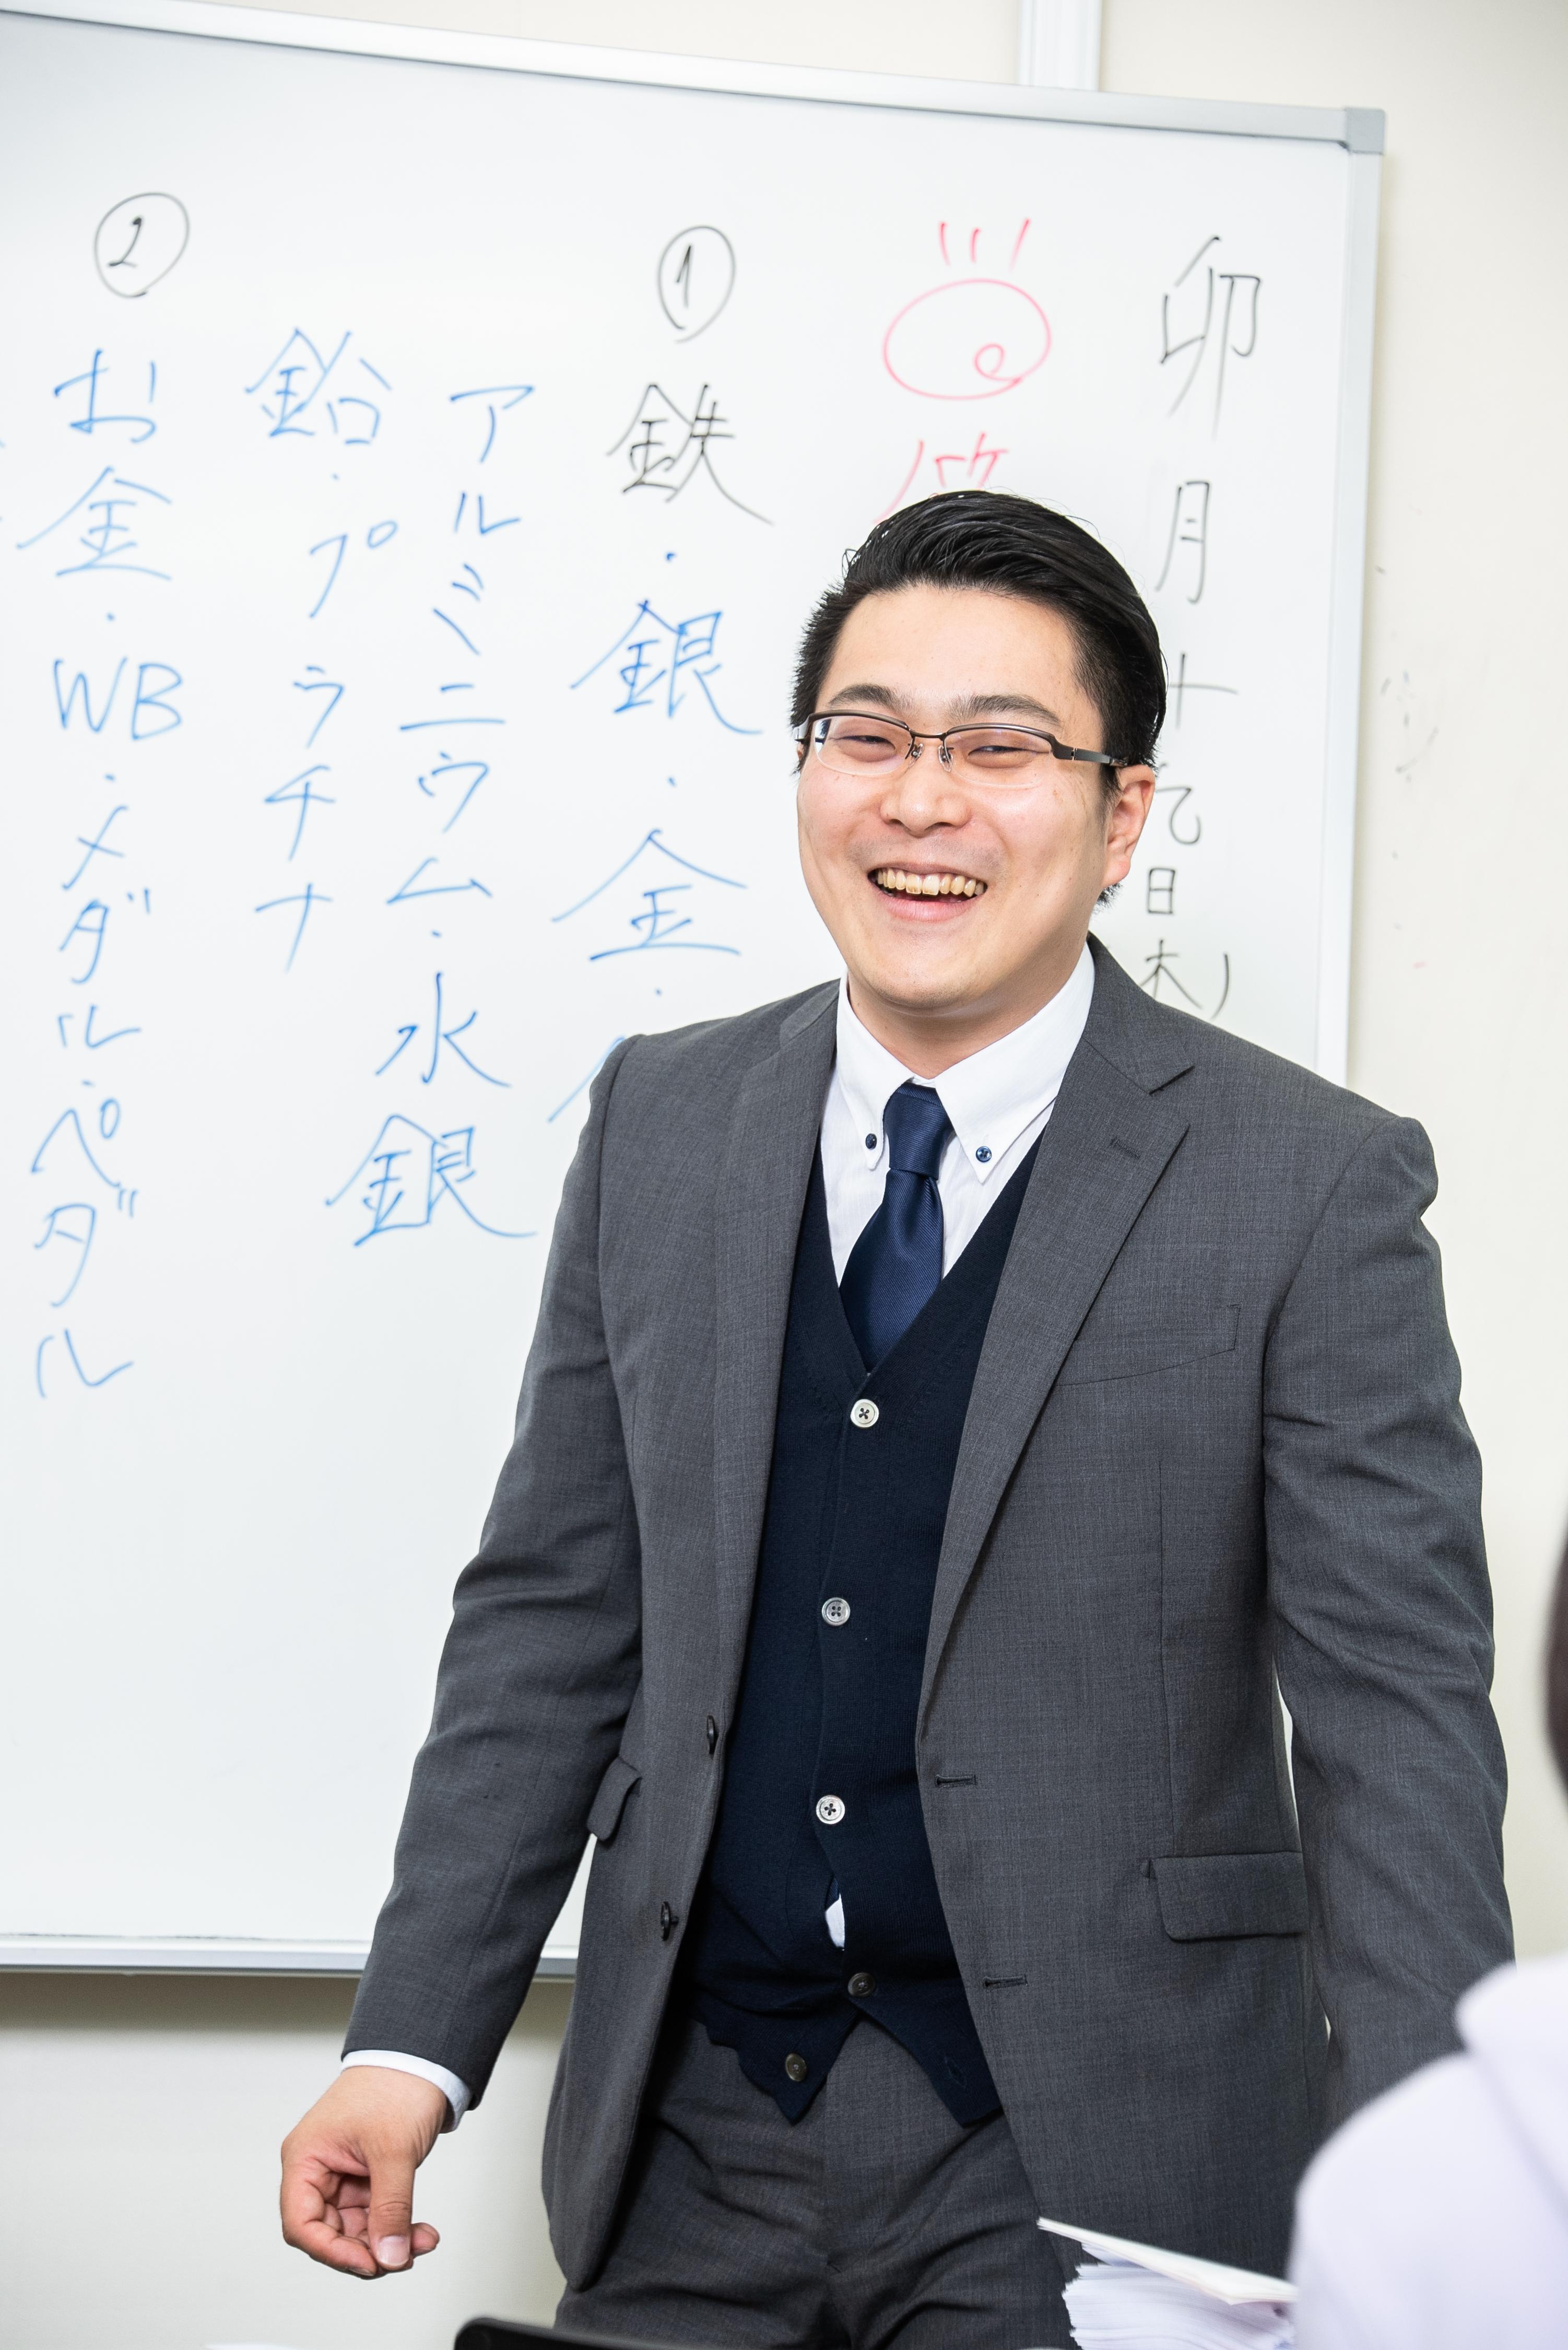 教室長 渡辺壮一